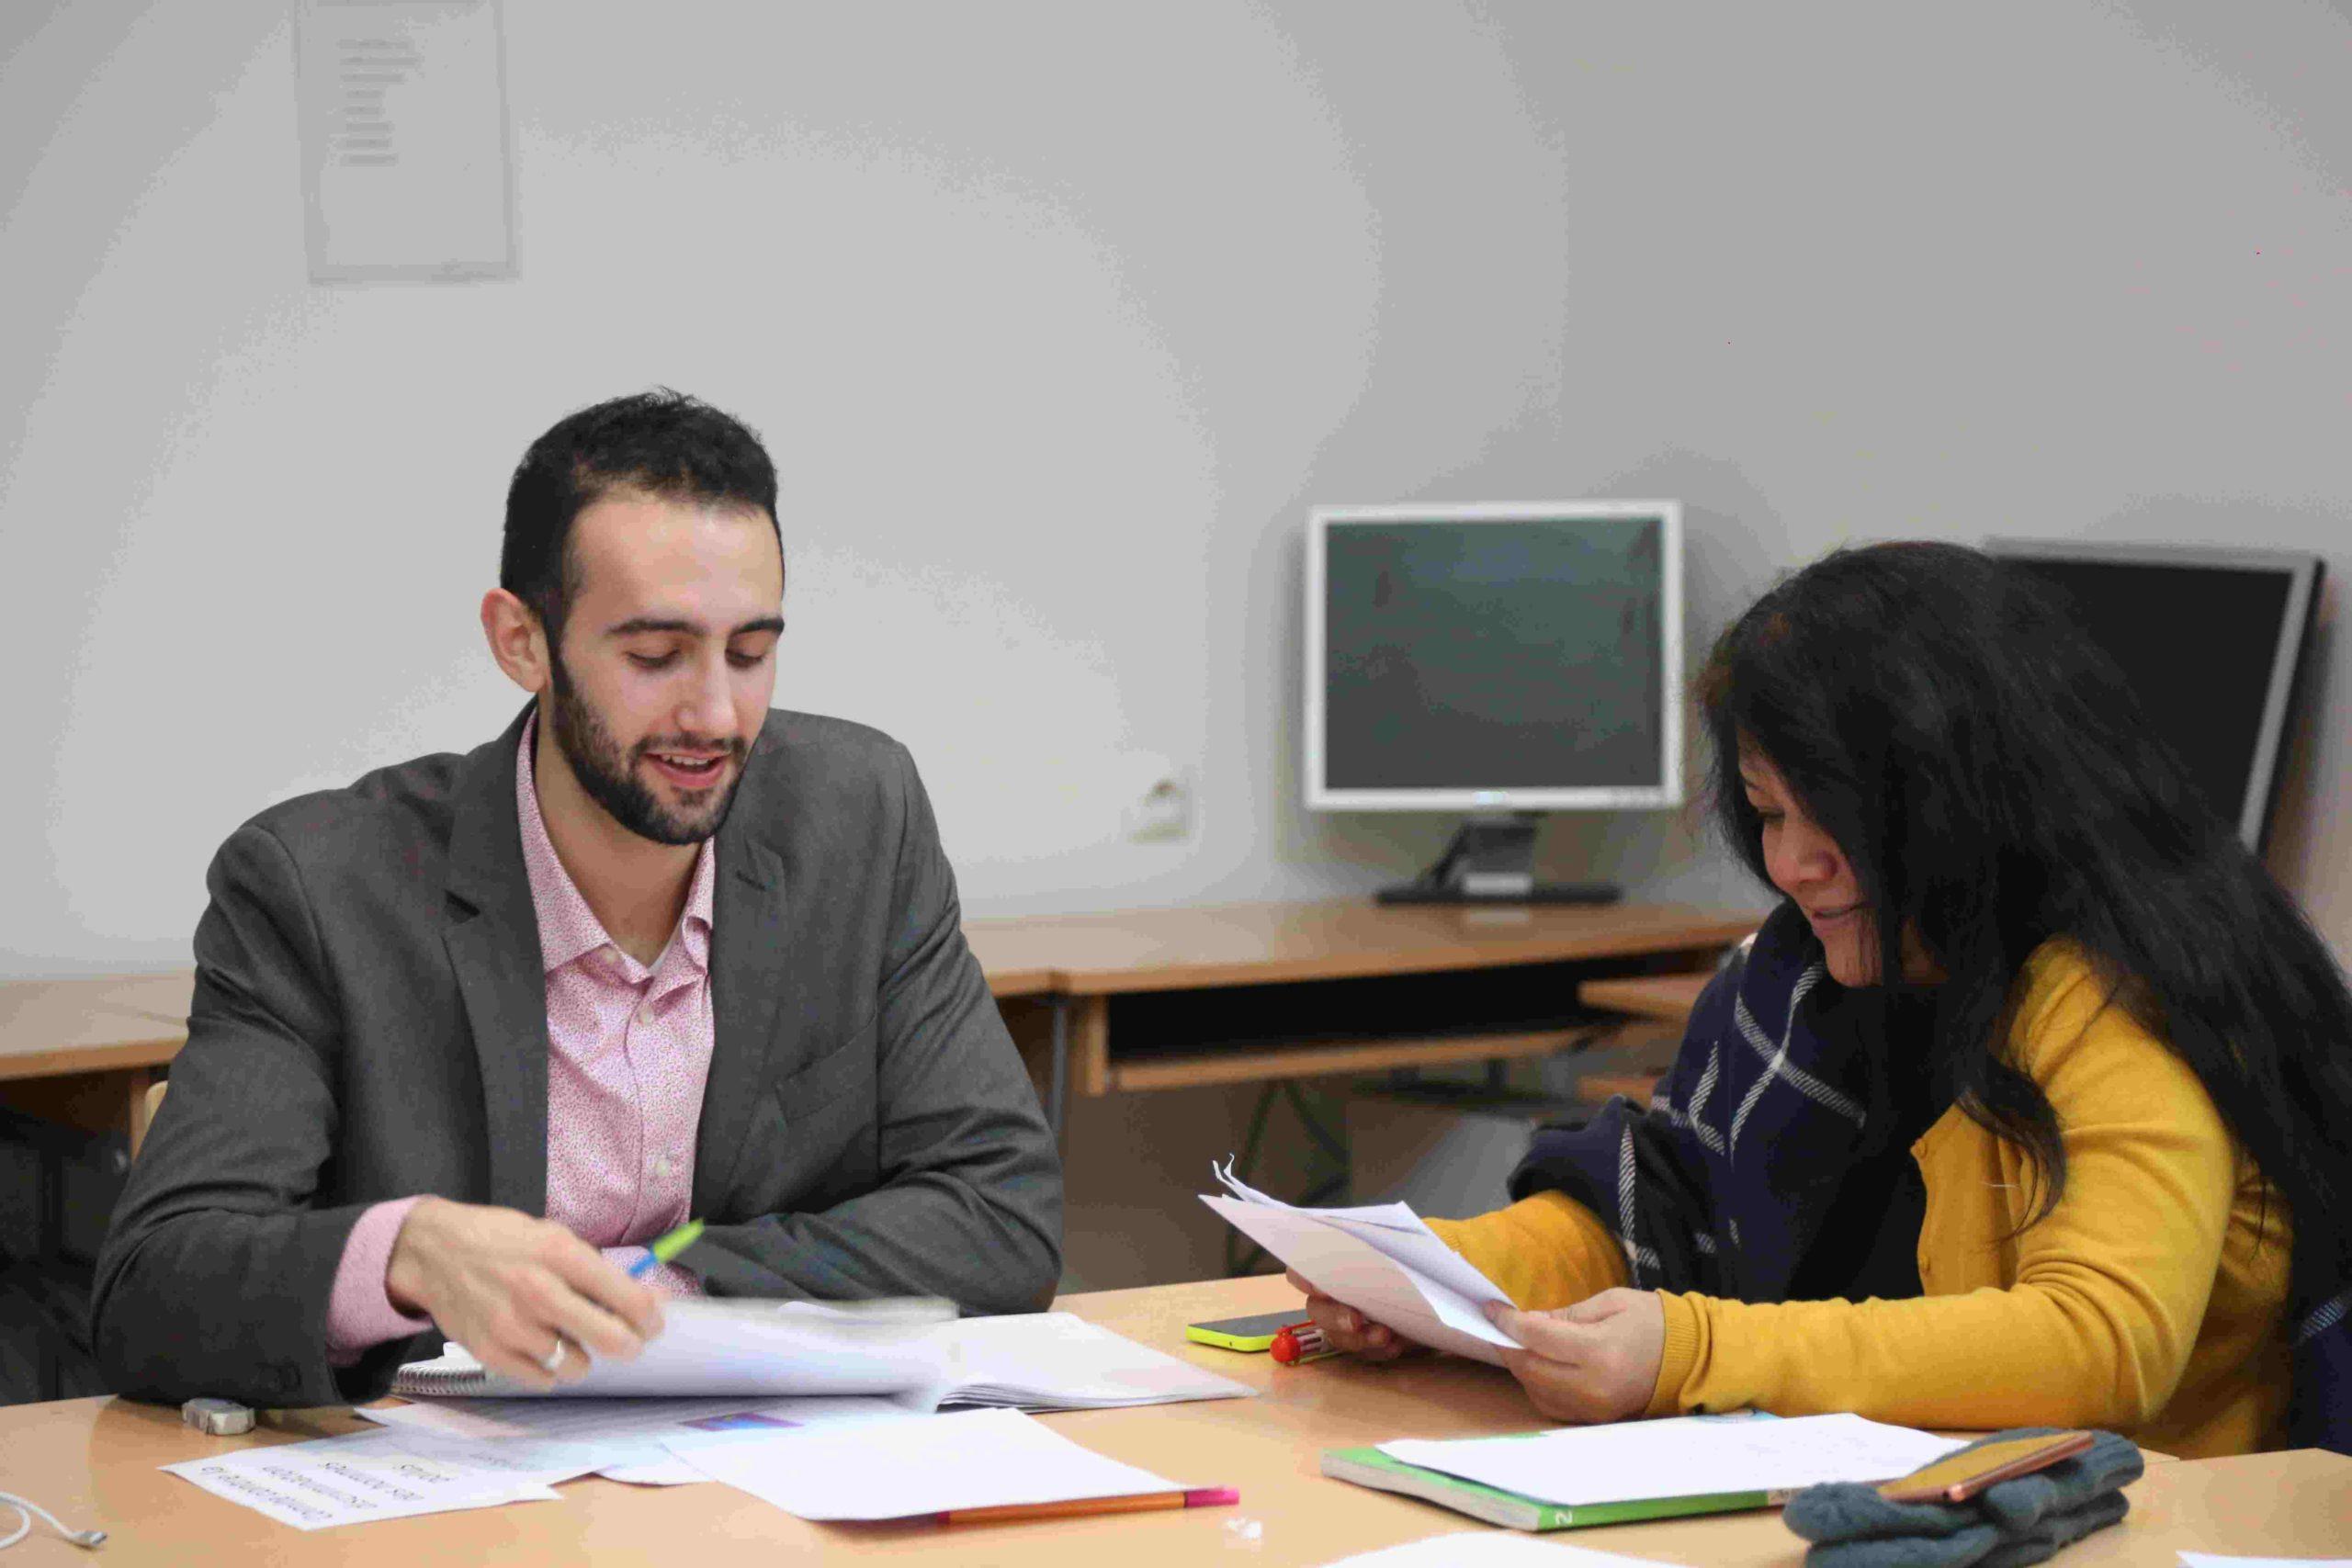 École EFI Paris-Cours de français intensif